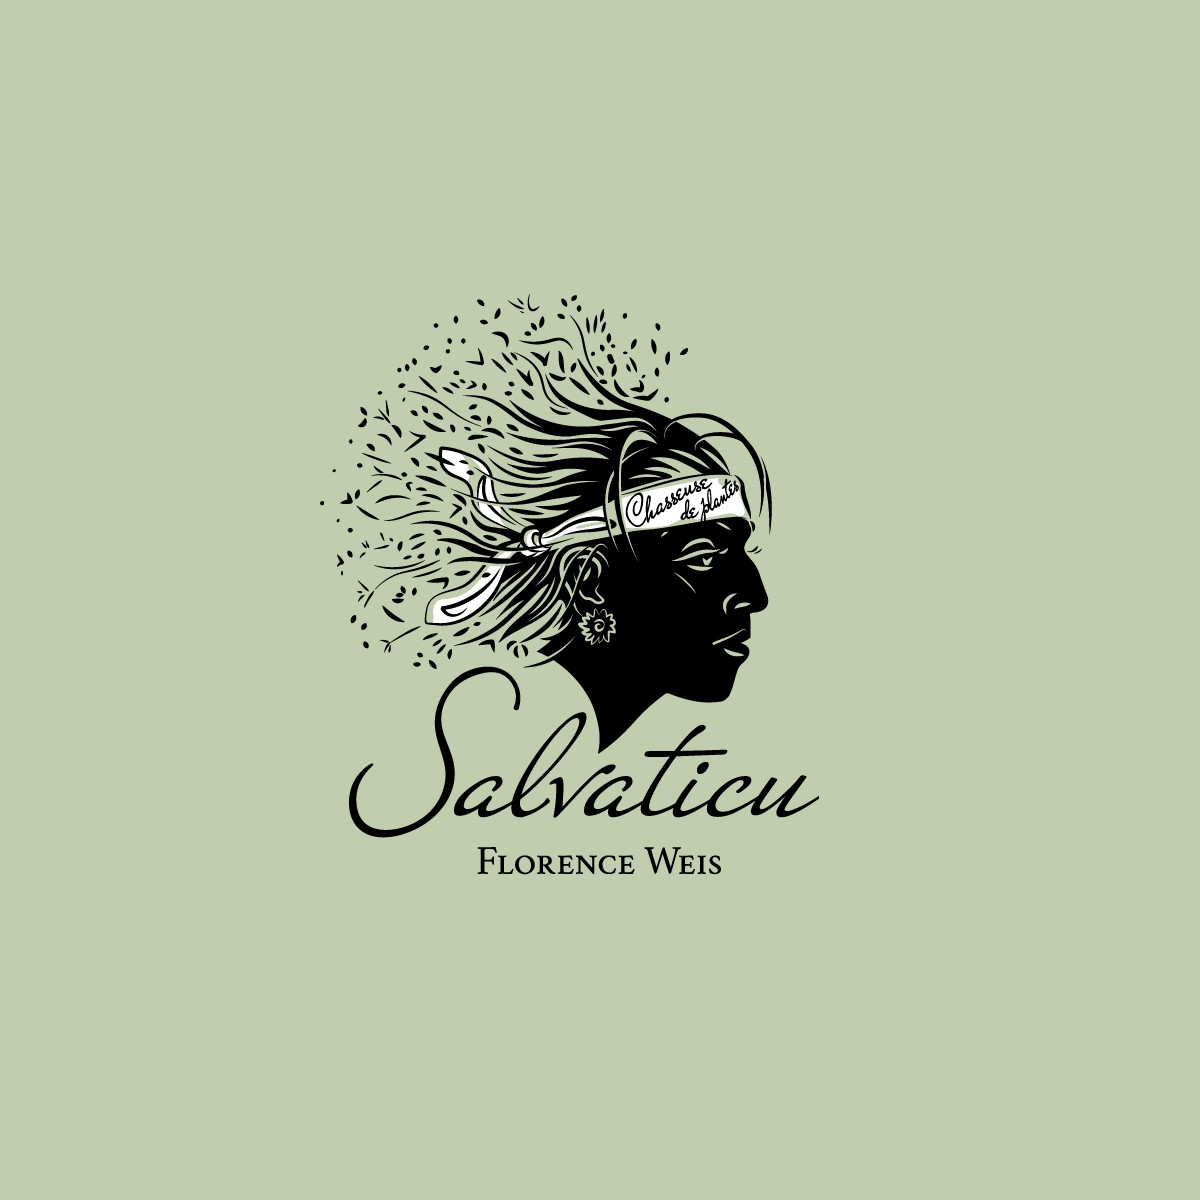 Salvaticu